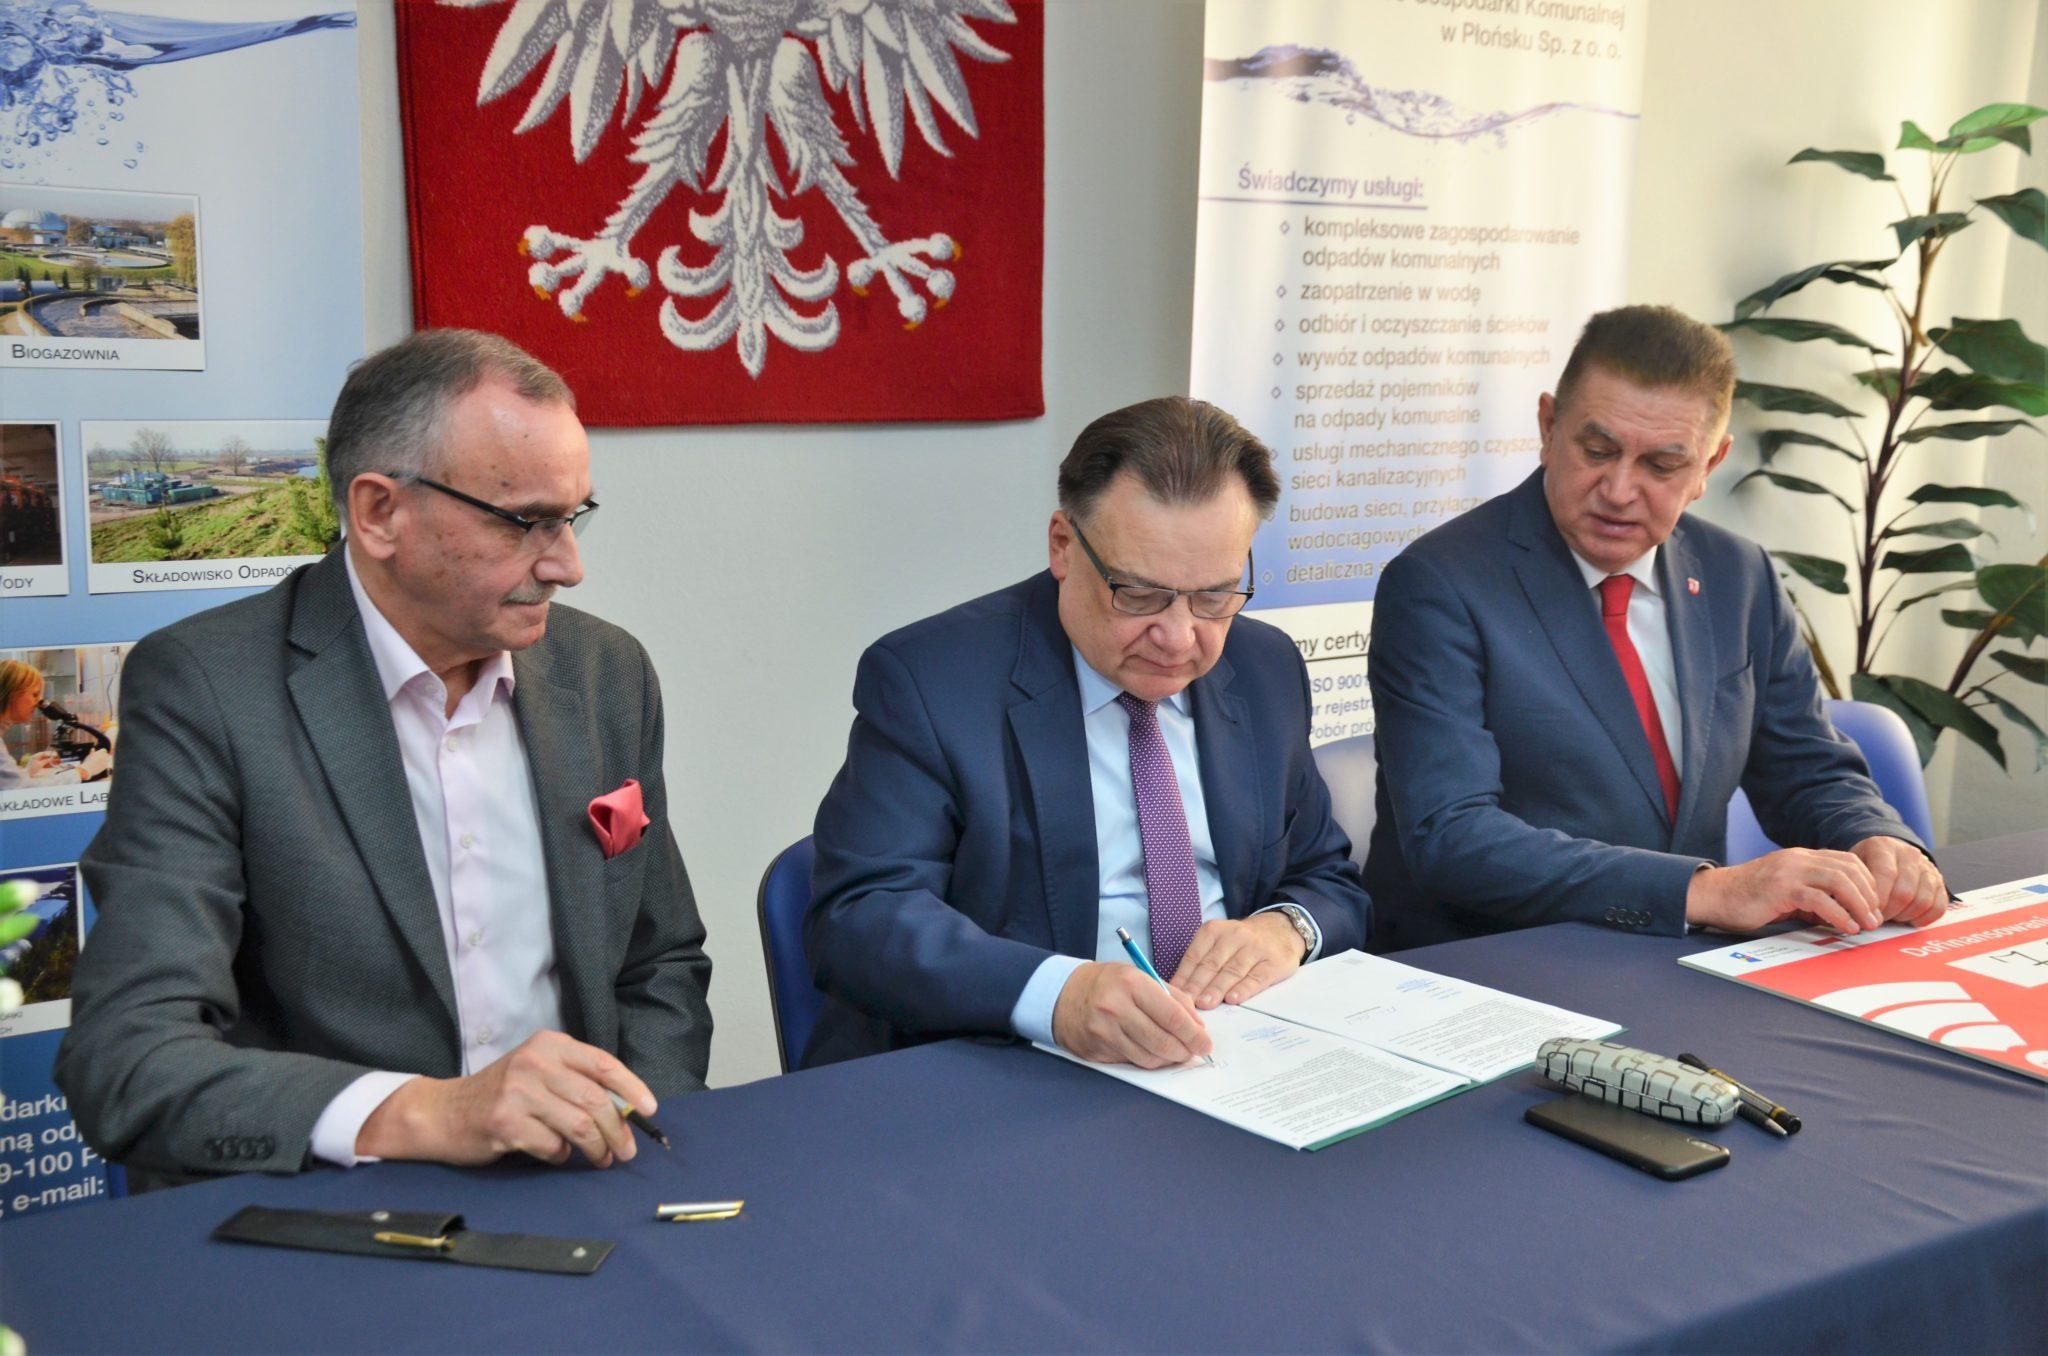 Uroczyste podpisanie umowy o dofinansowanie unijne projektu z dz. 5.2 Gospodarka odpadami